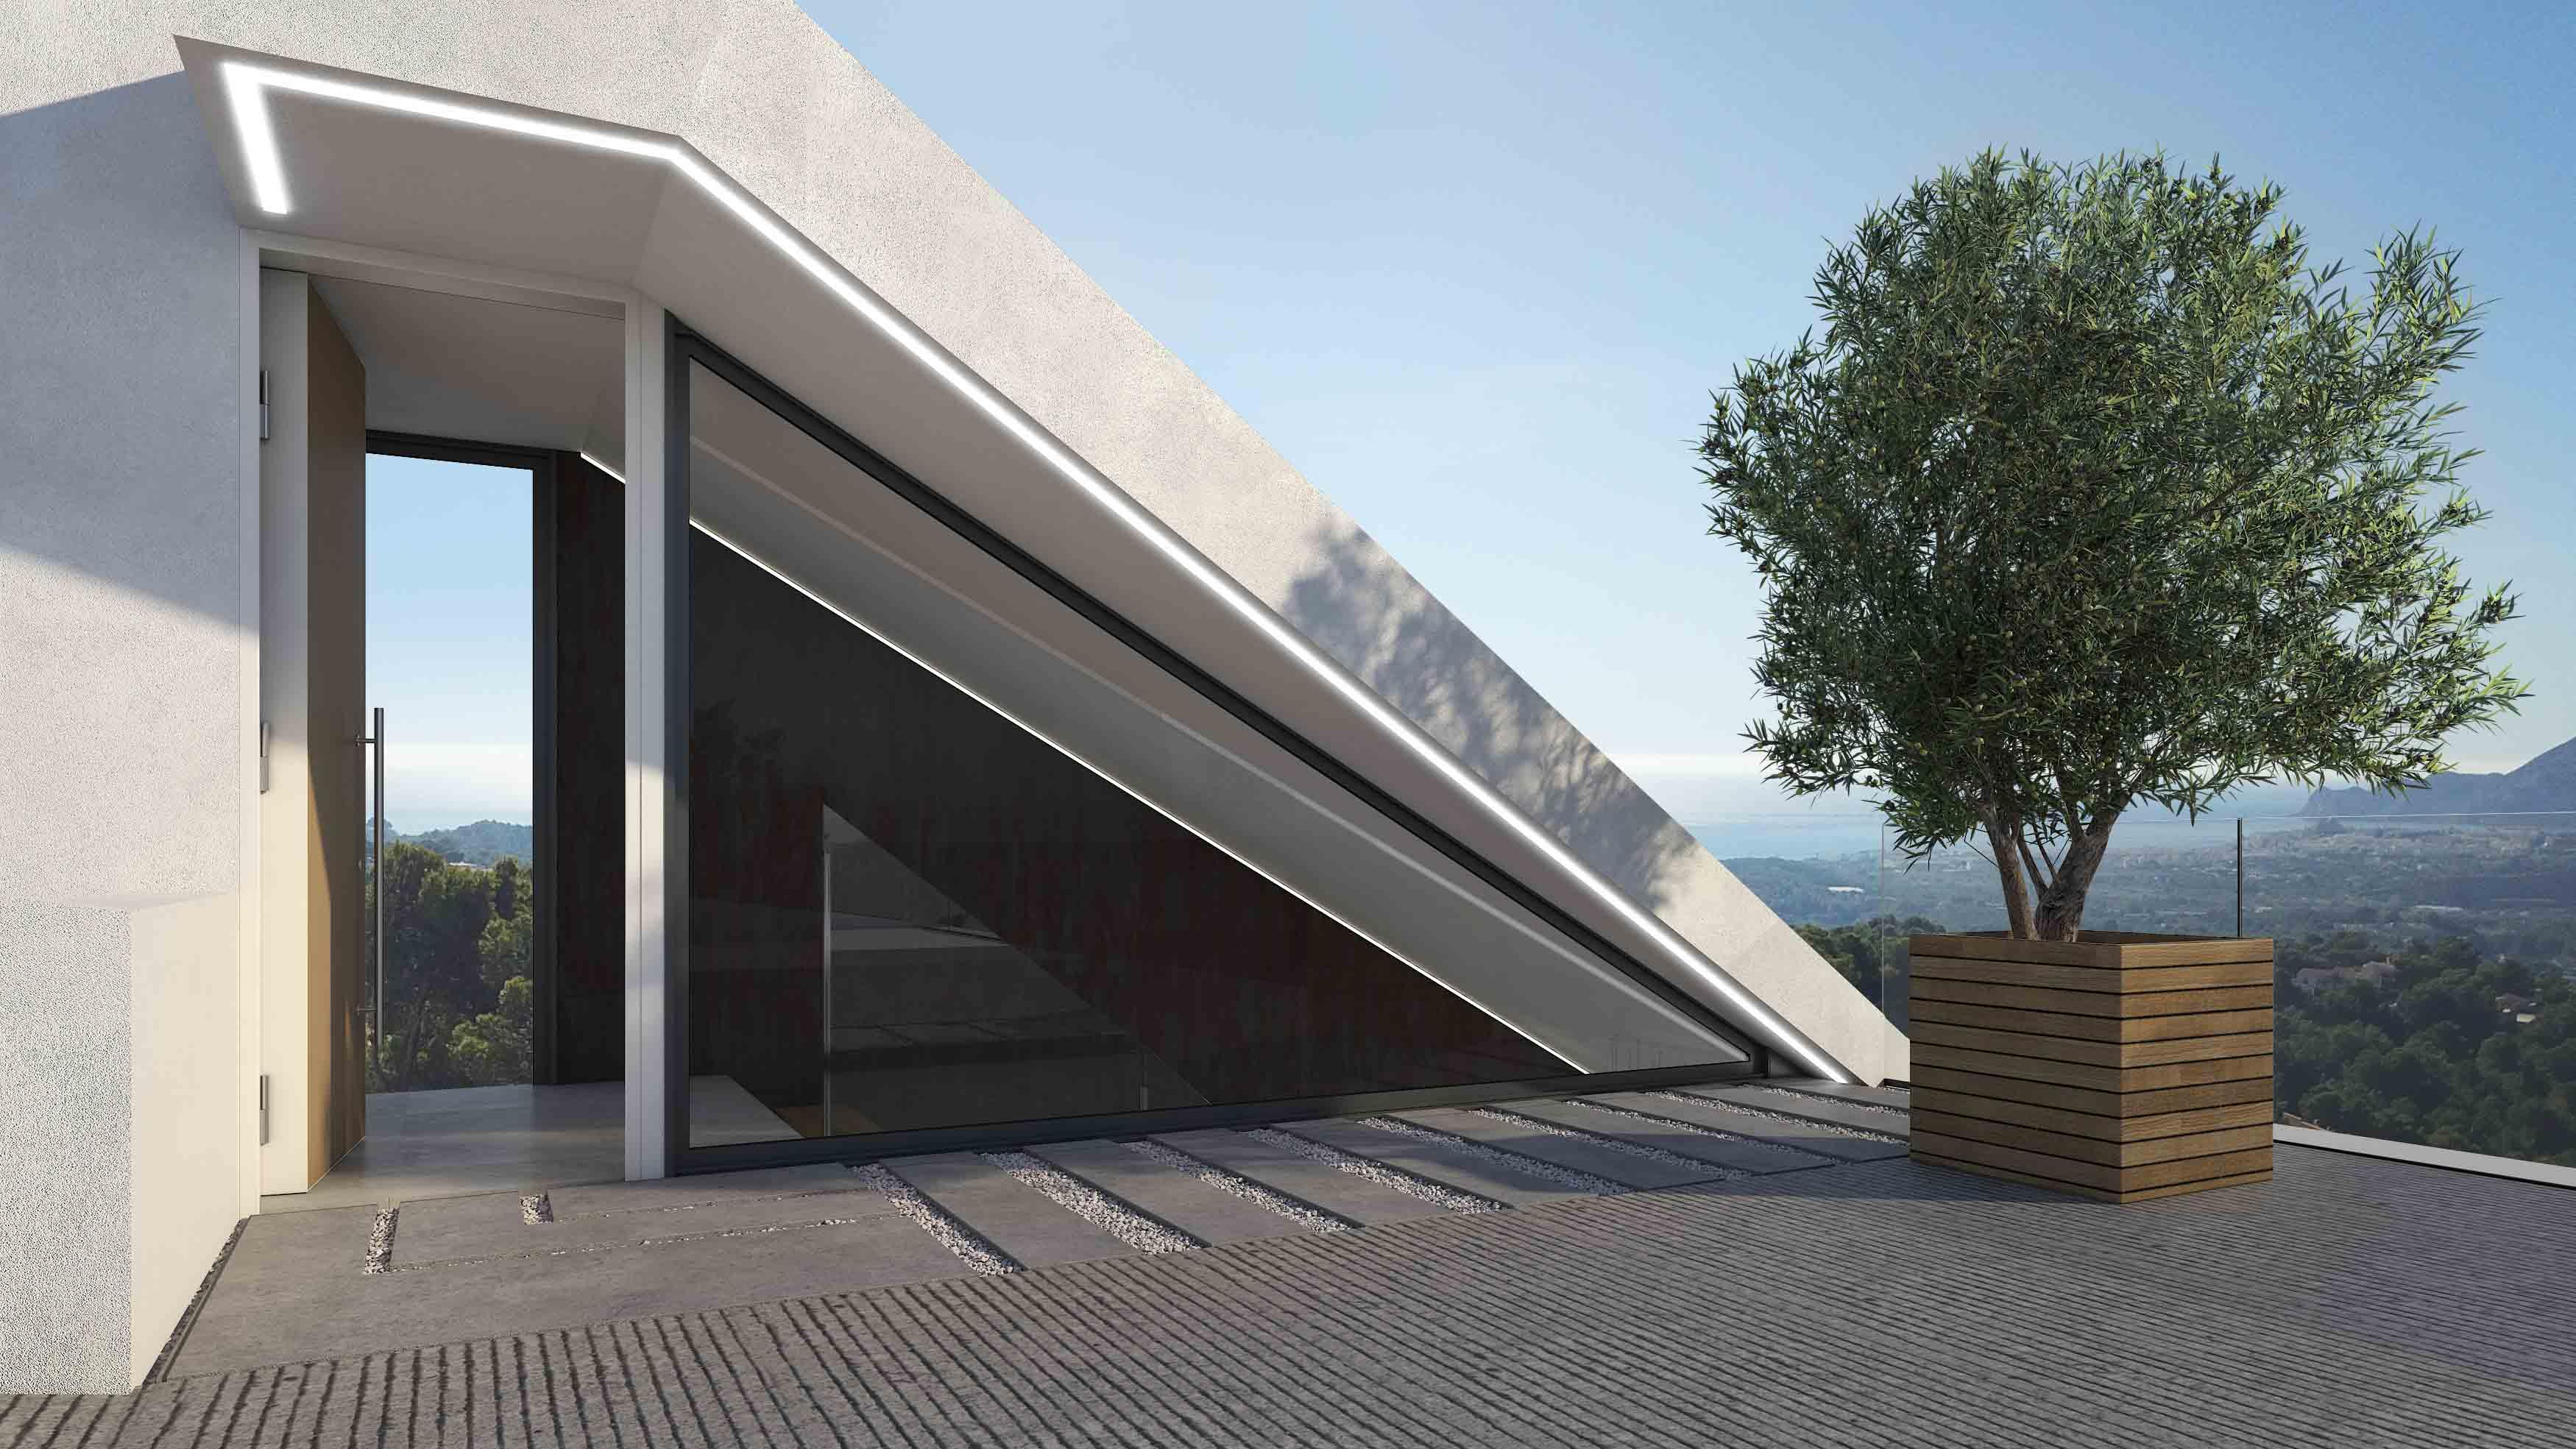 Villa de Lujo Moderno a la Venta en Altea - Costa Blanca